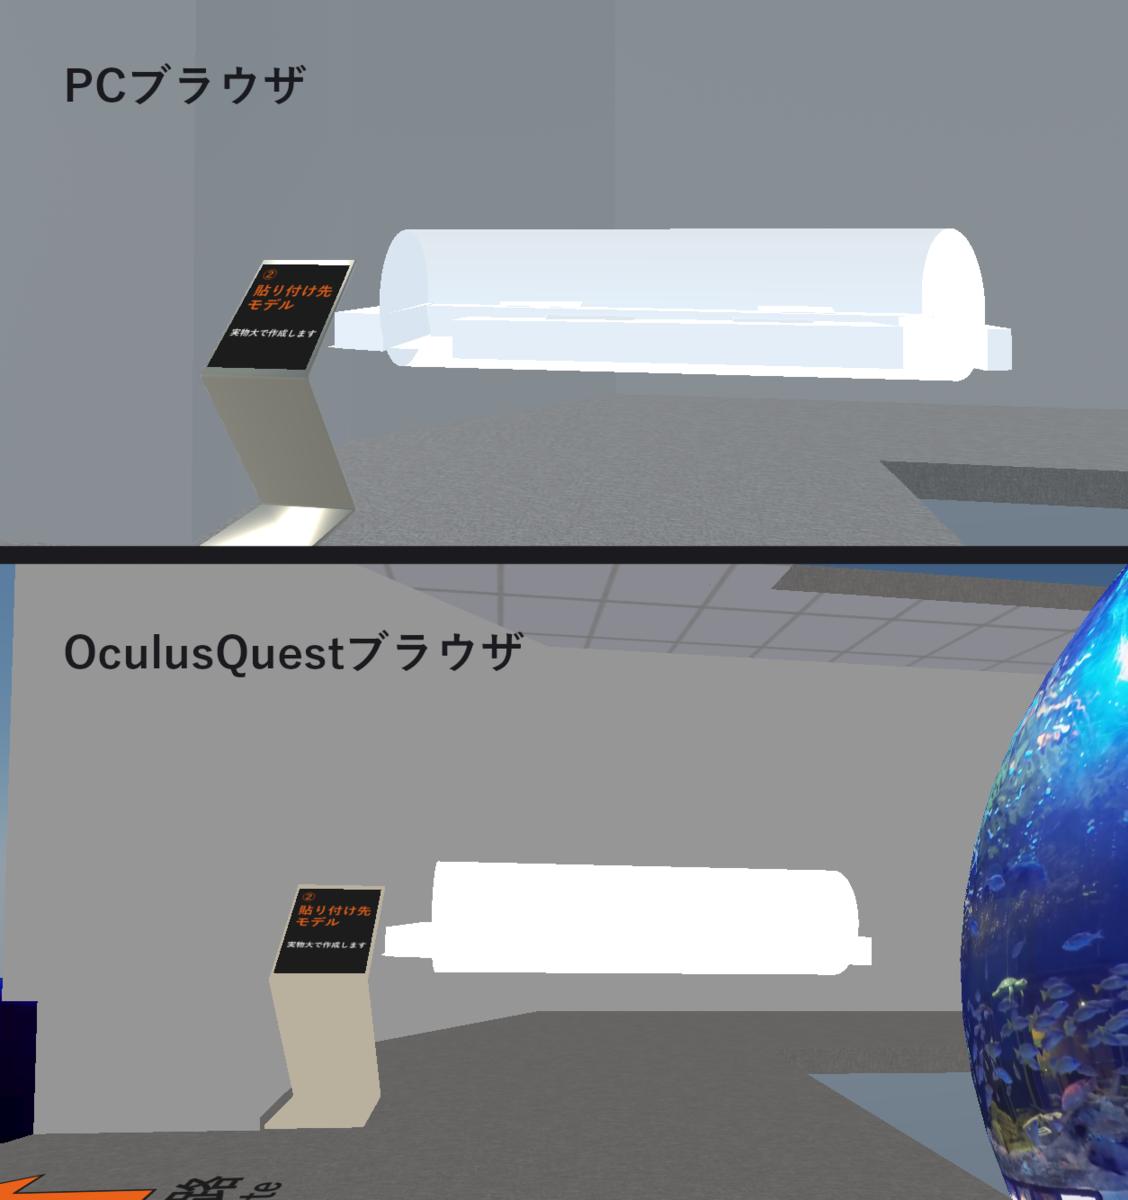 f:id:fv_ishii:20201216022326p:plain